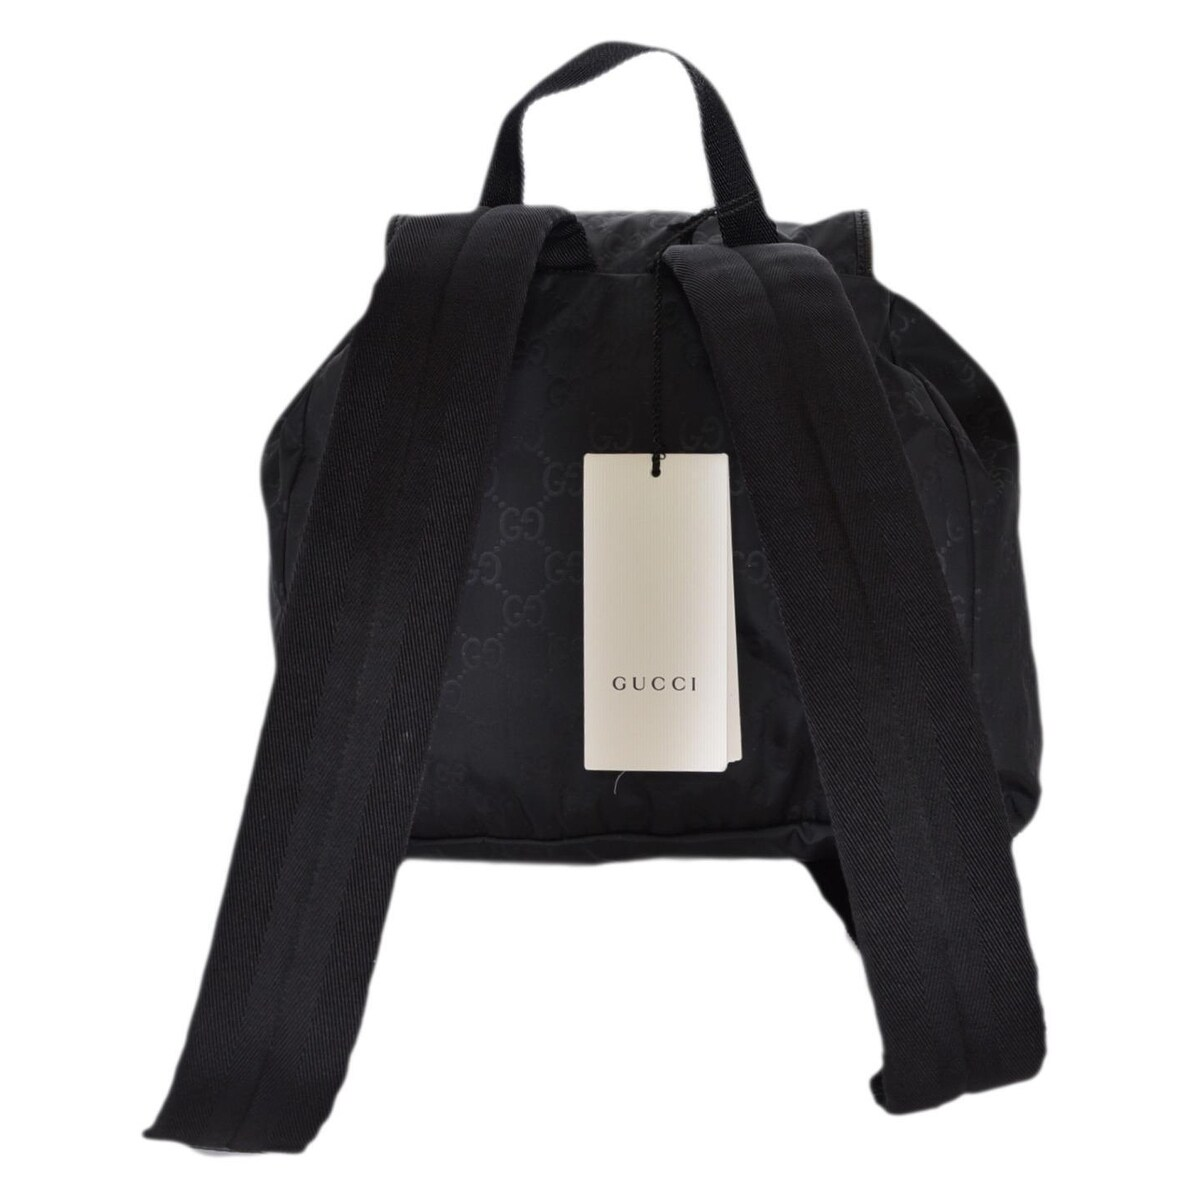 Gucci  innovative design c34da 74ee1 Gucci Nylon Backpack Fenix Toulouse  Handball Gucci Rucksack ... 143117fd7e84f